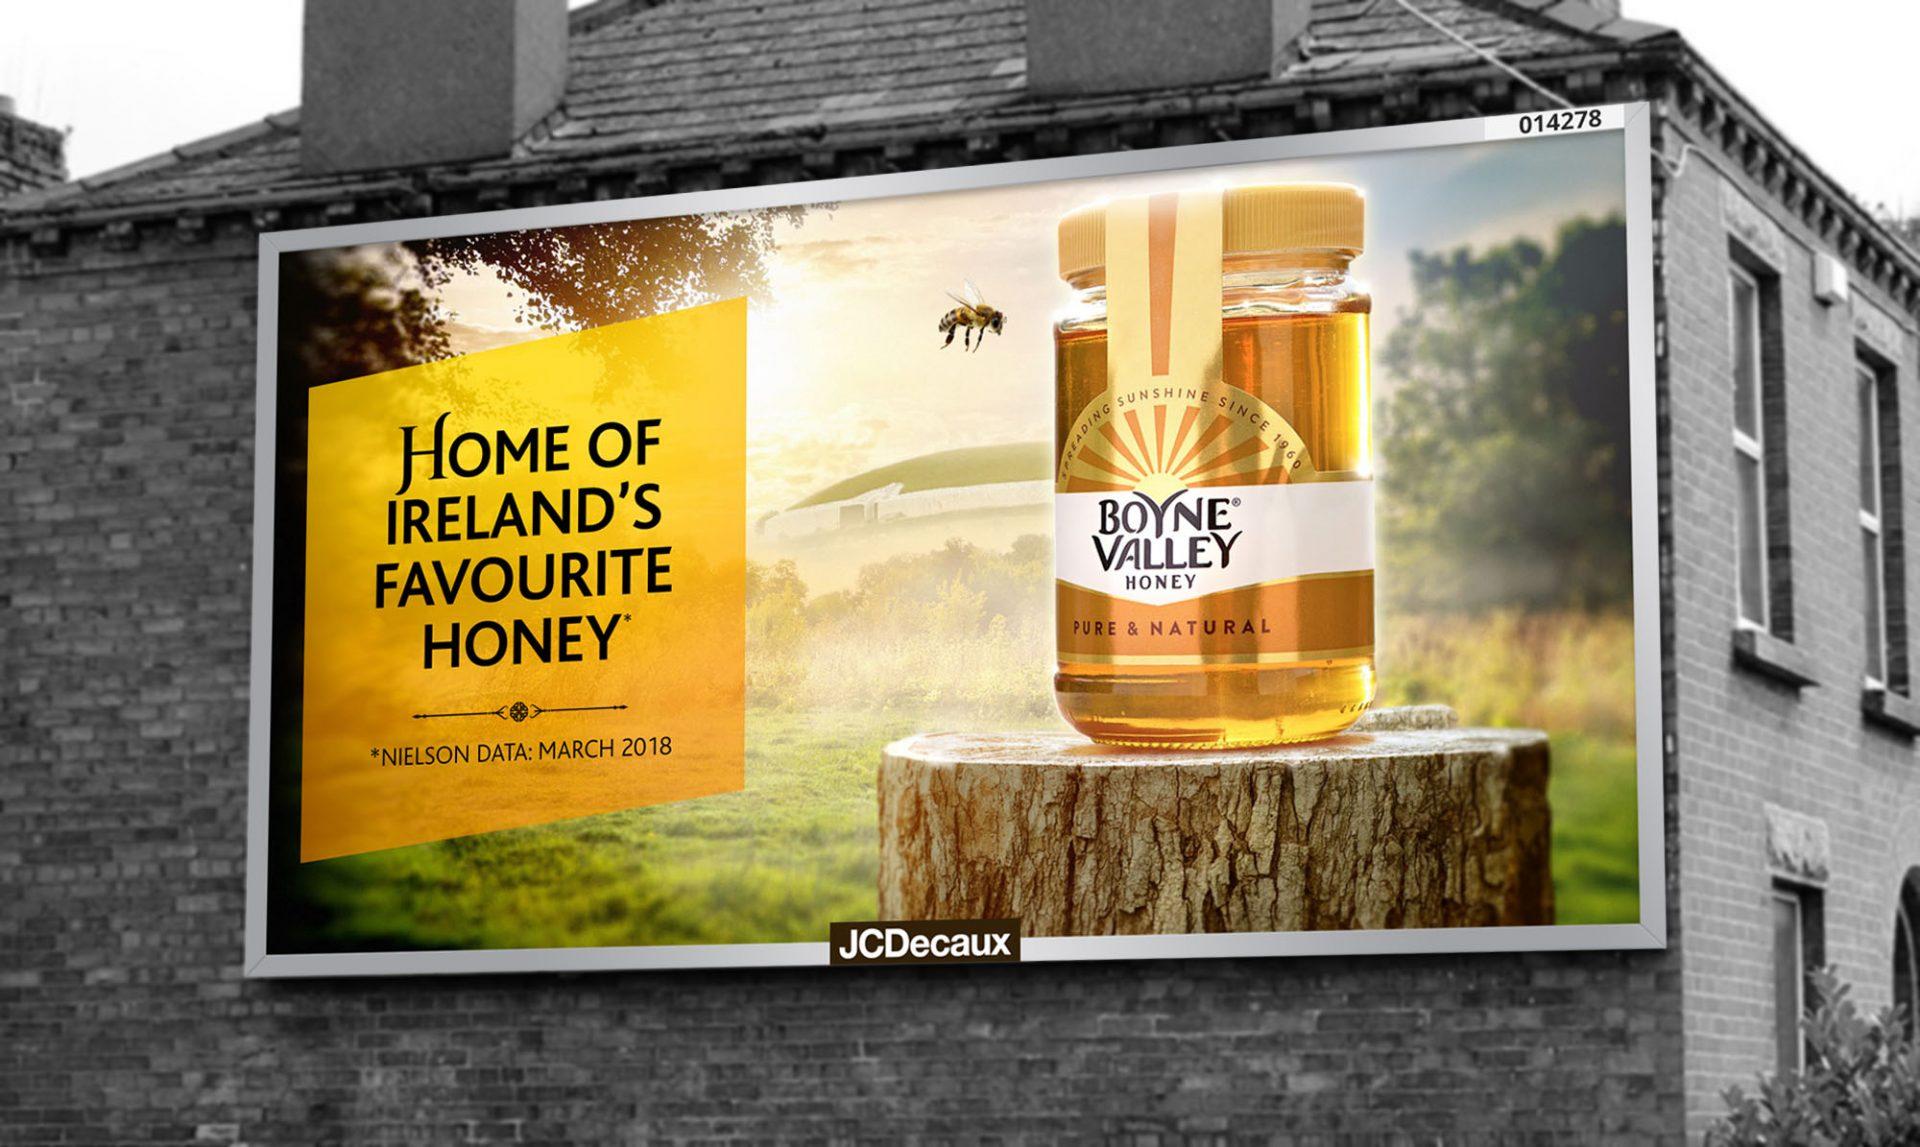 Boyne Valley Honey